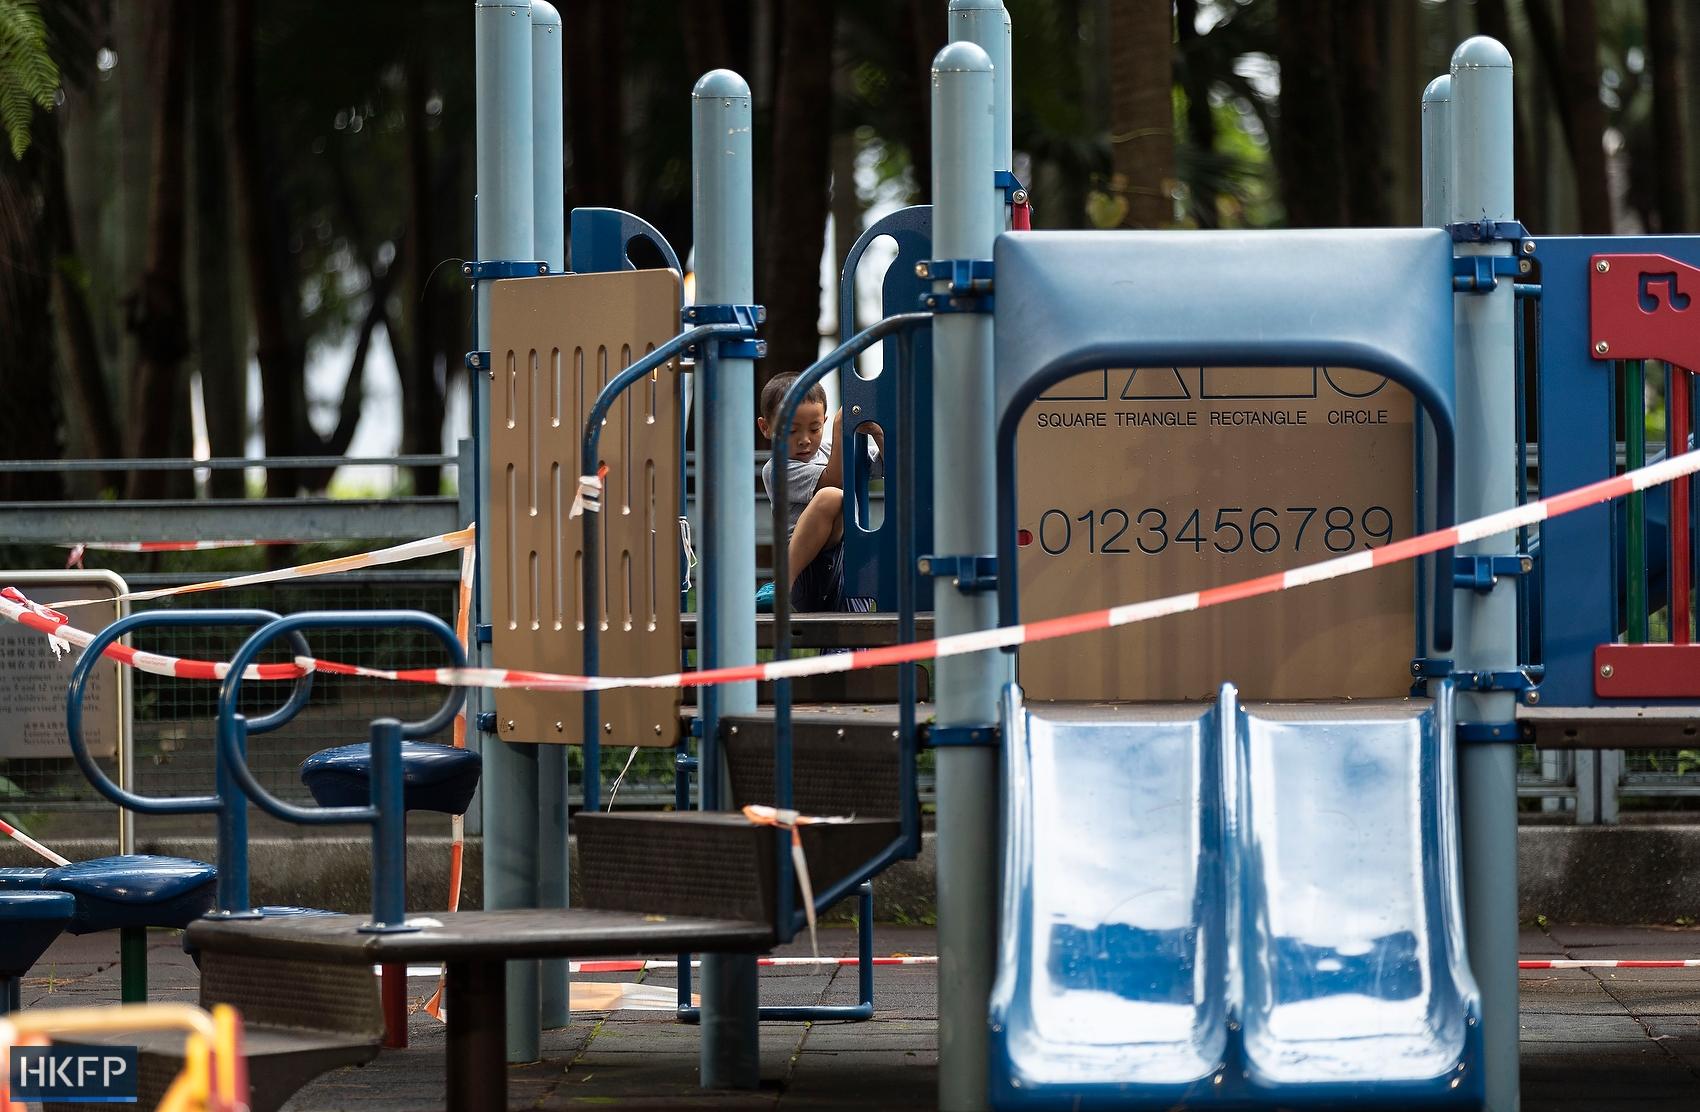 playground closed coronavirus covid masks